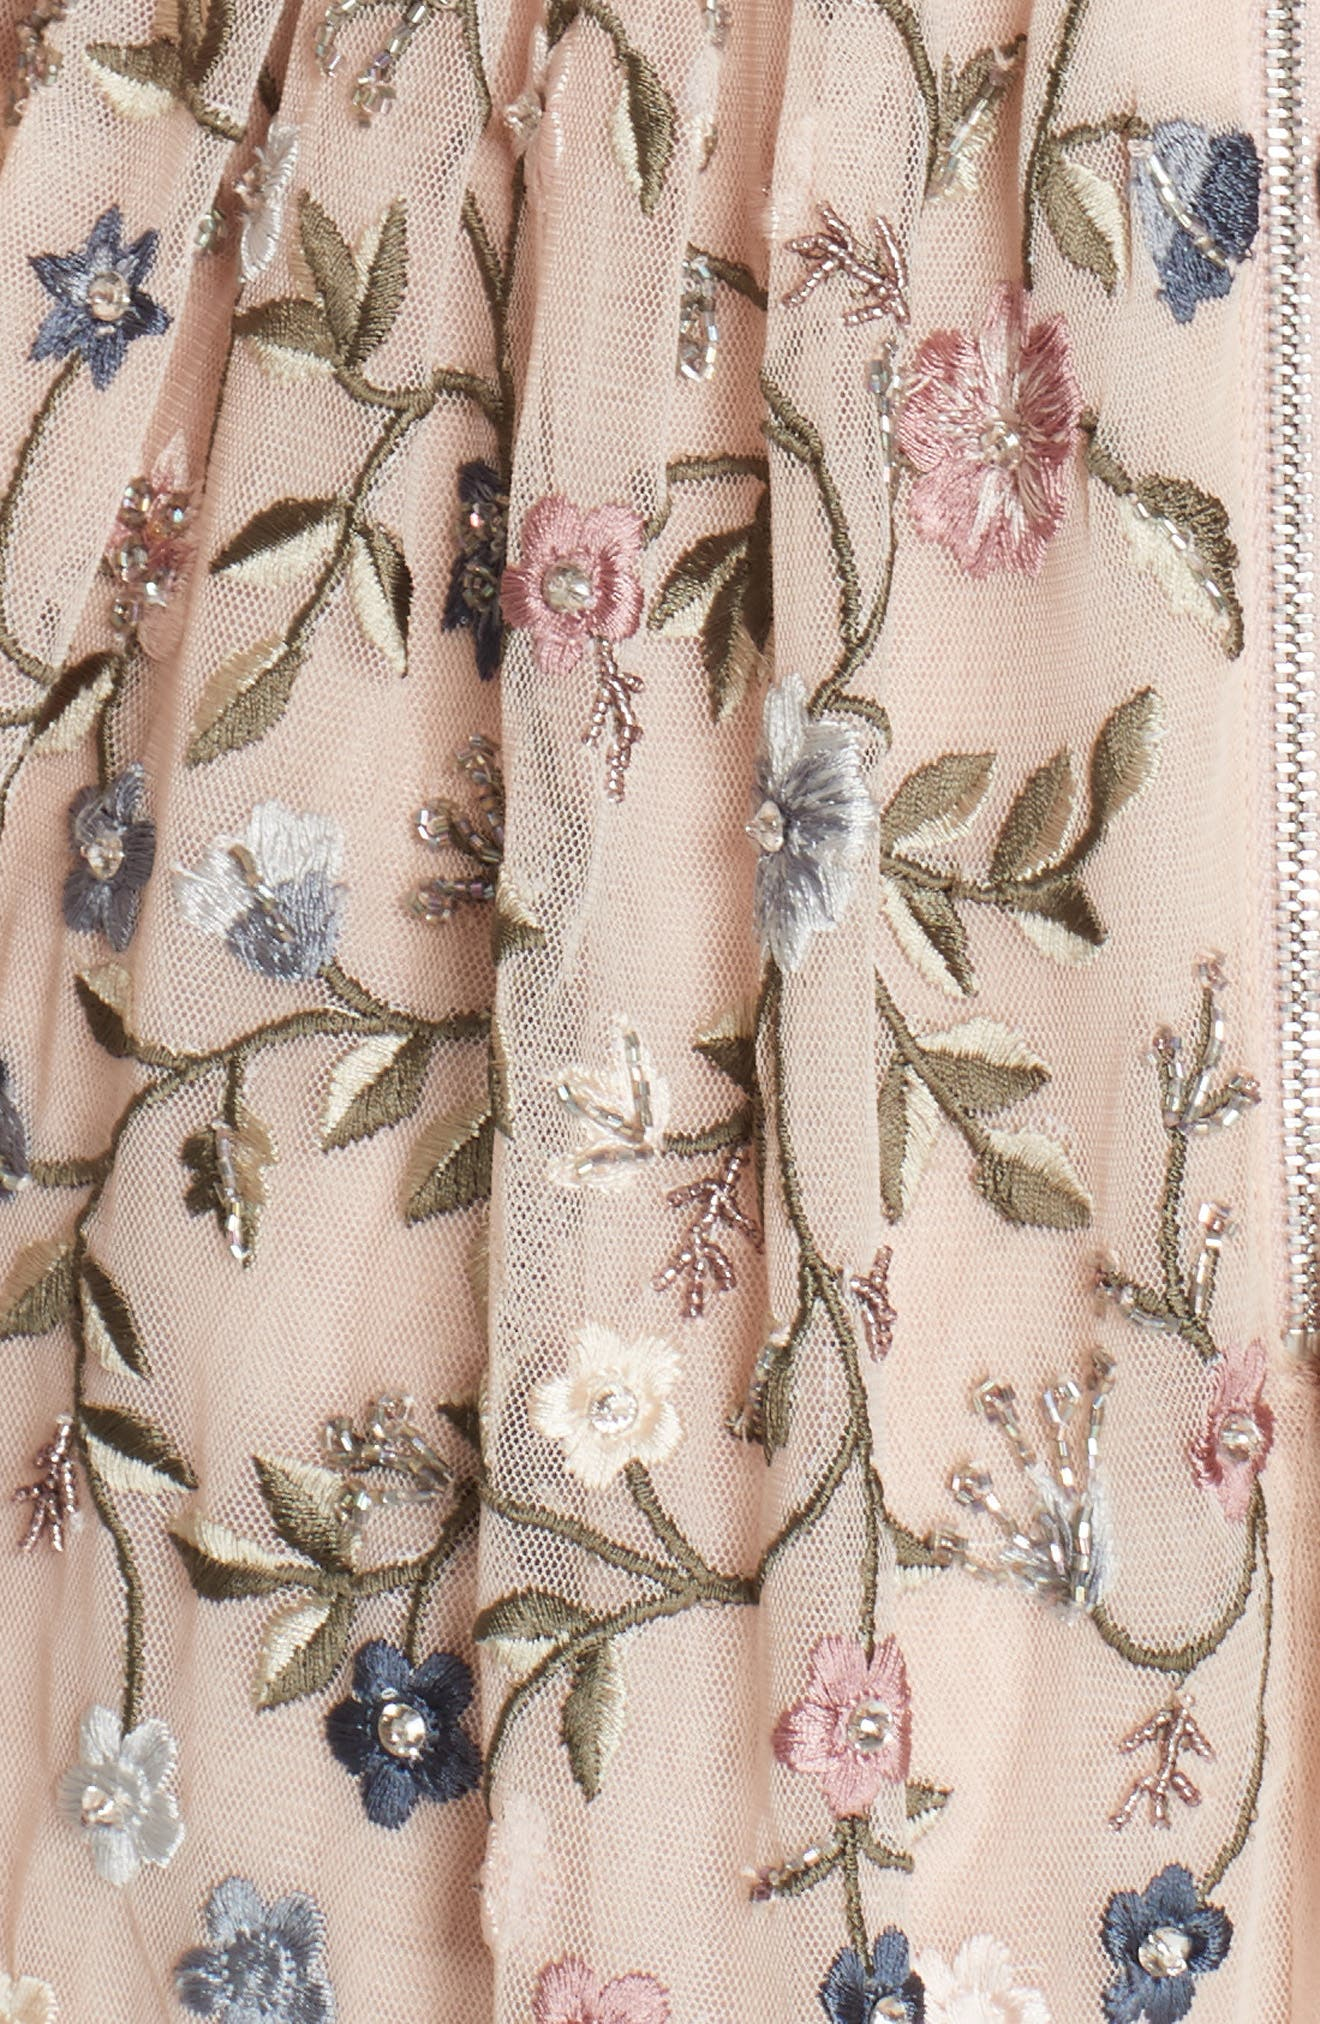 Dusk Floral A-Line Dress,                             Alternate thumbnail 5, color,                             ROSE QUARTZ